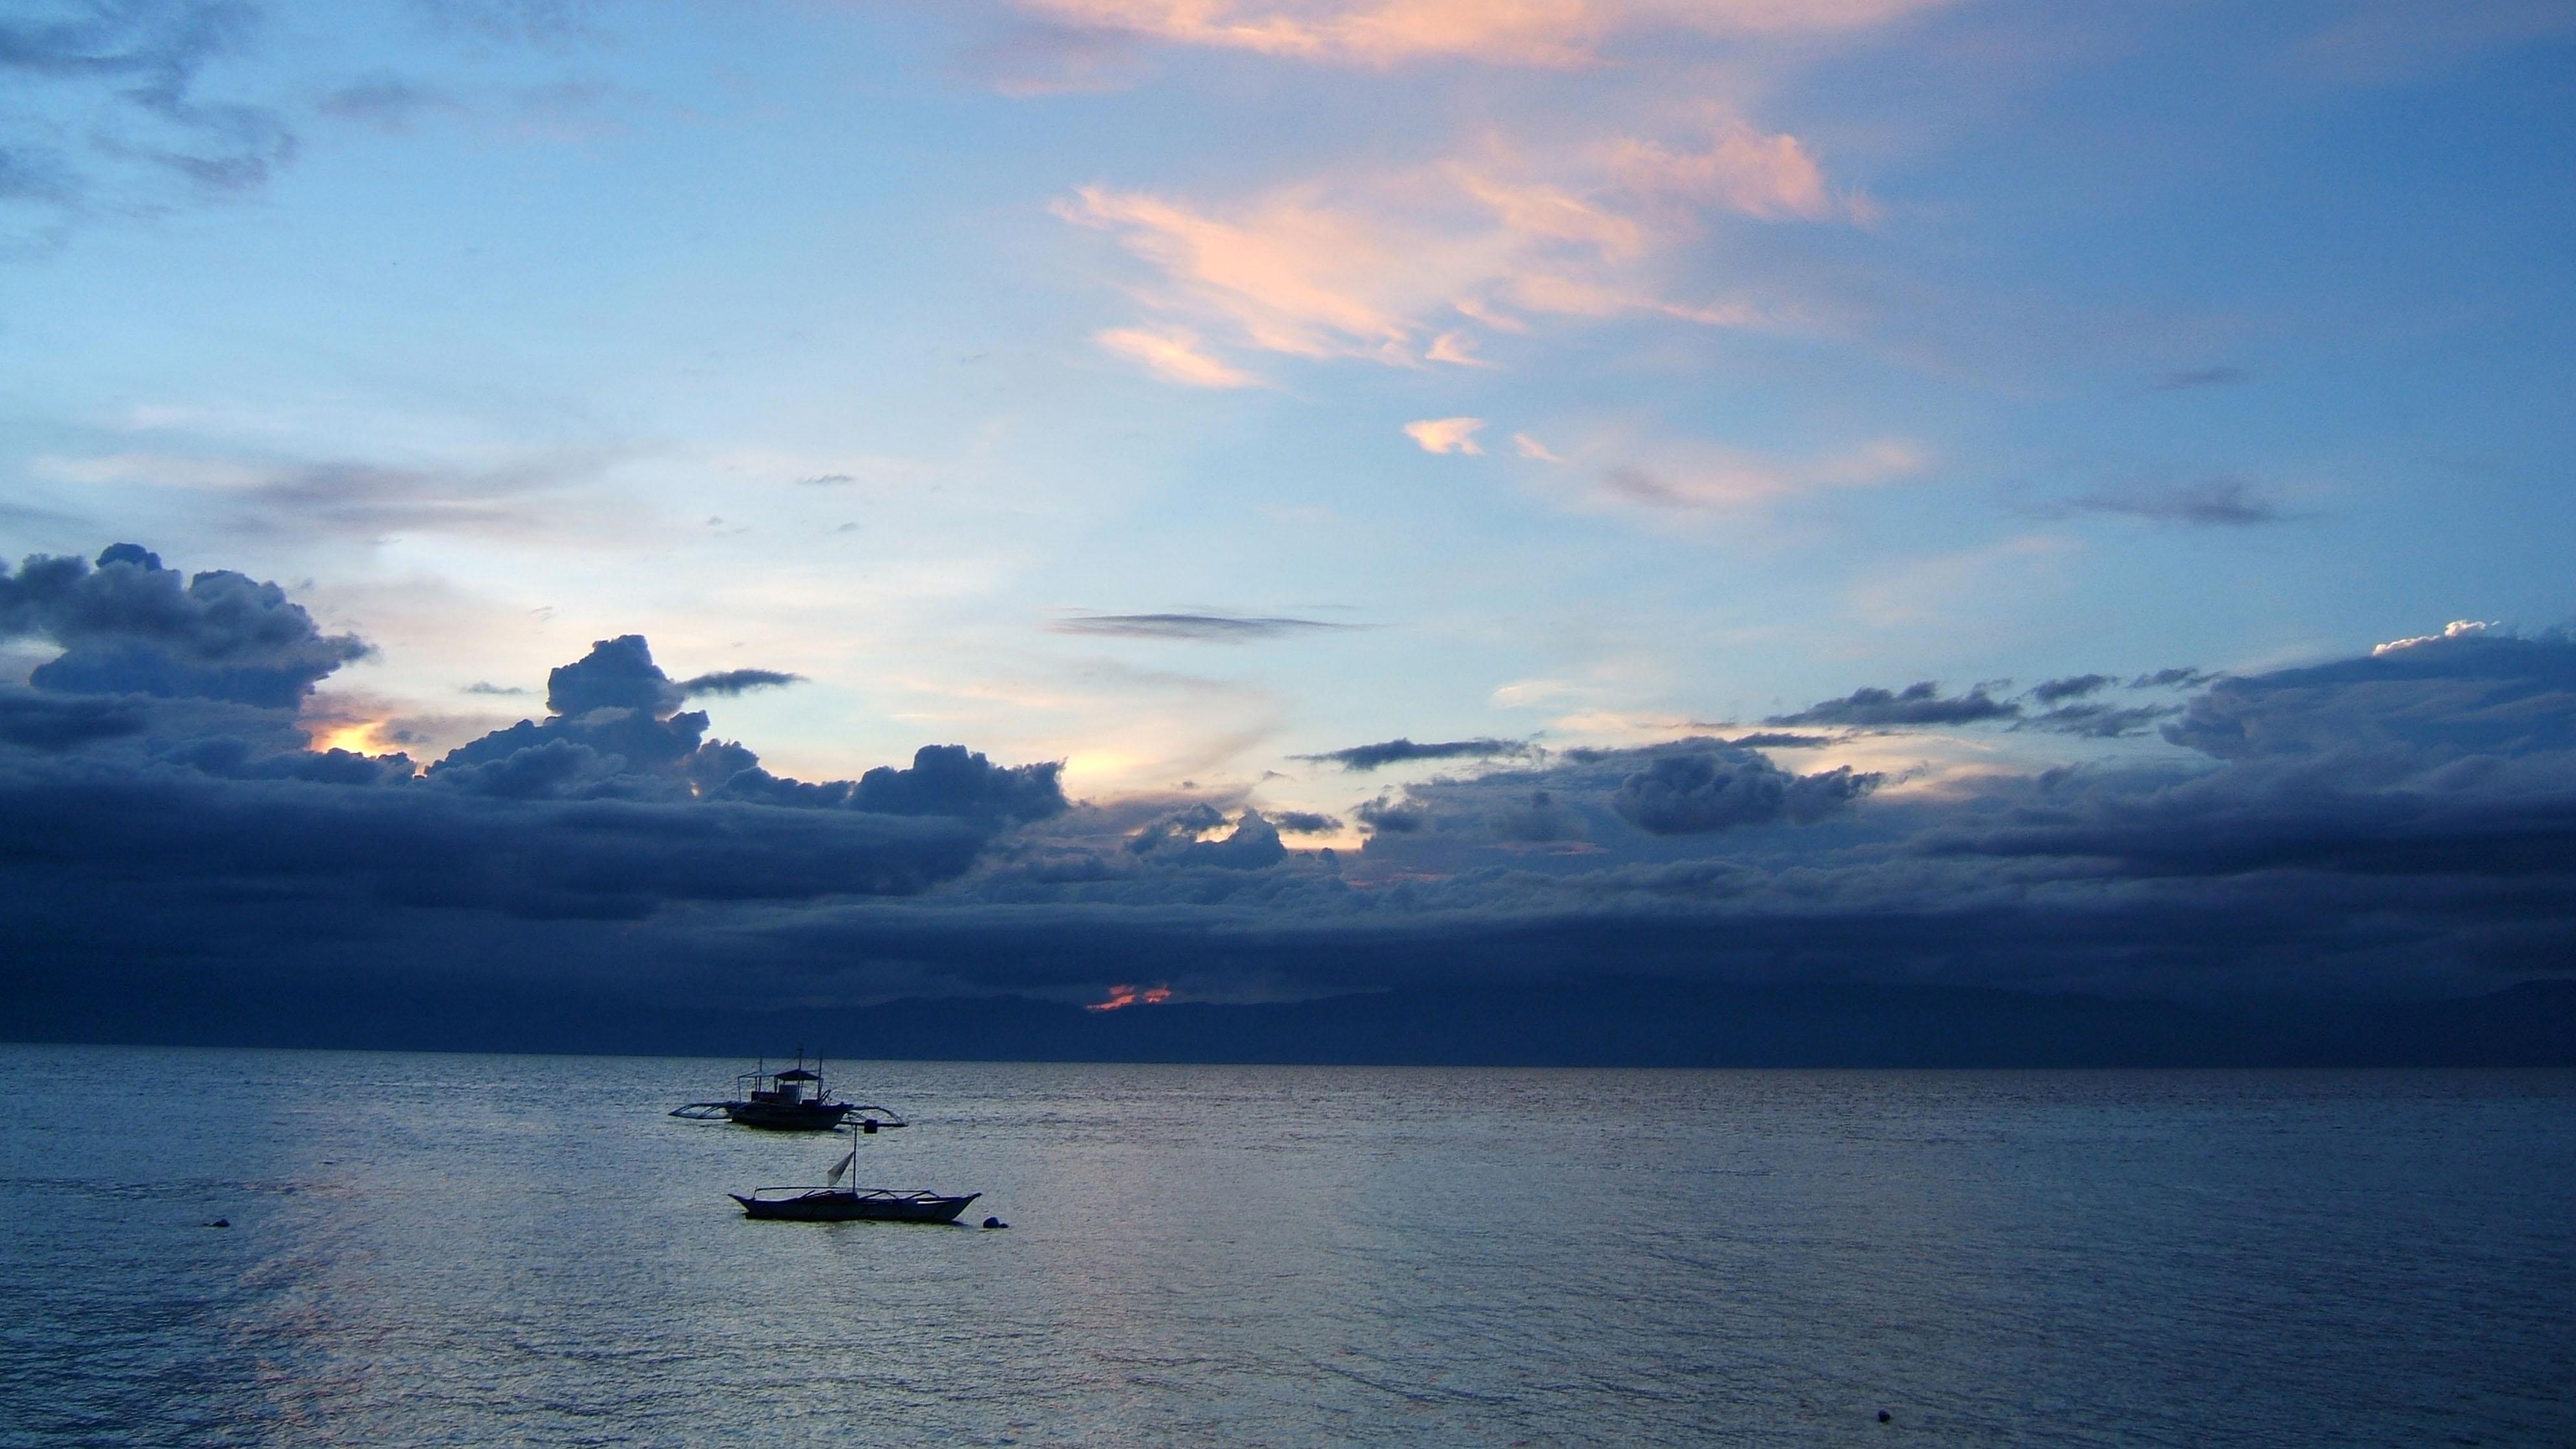 Sunset Philippines Cebu Bahoal 14